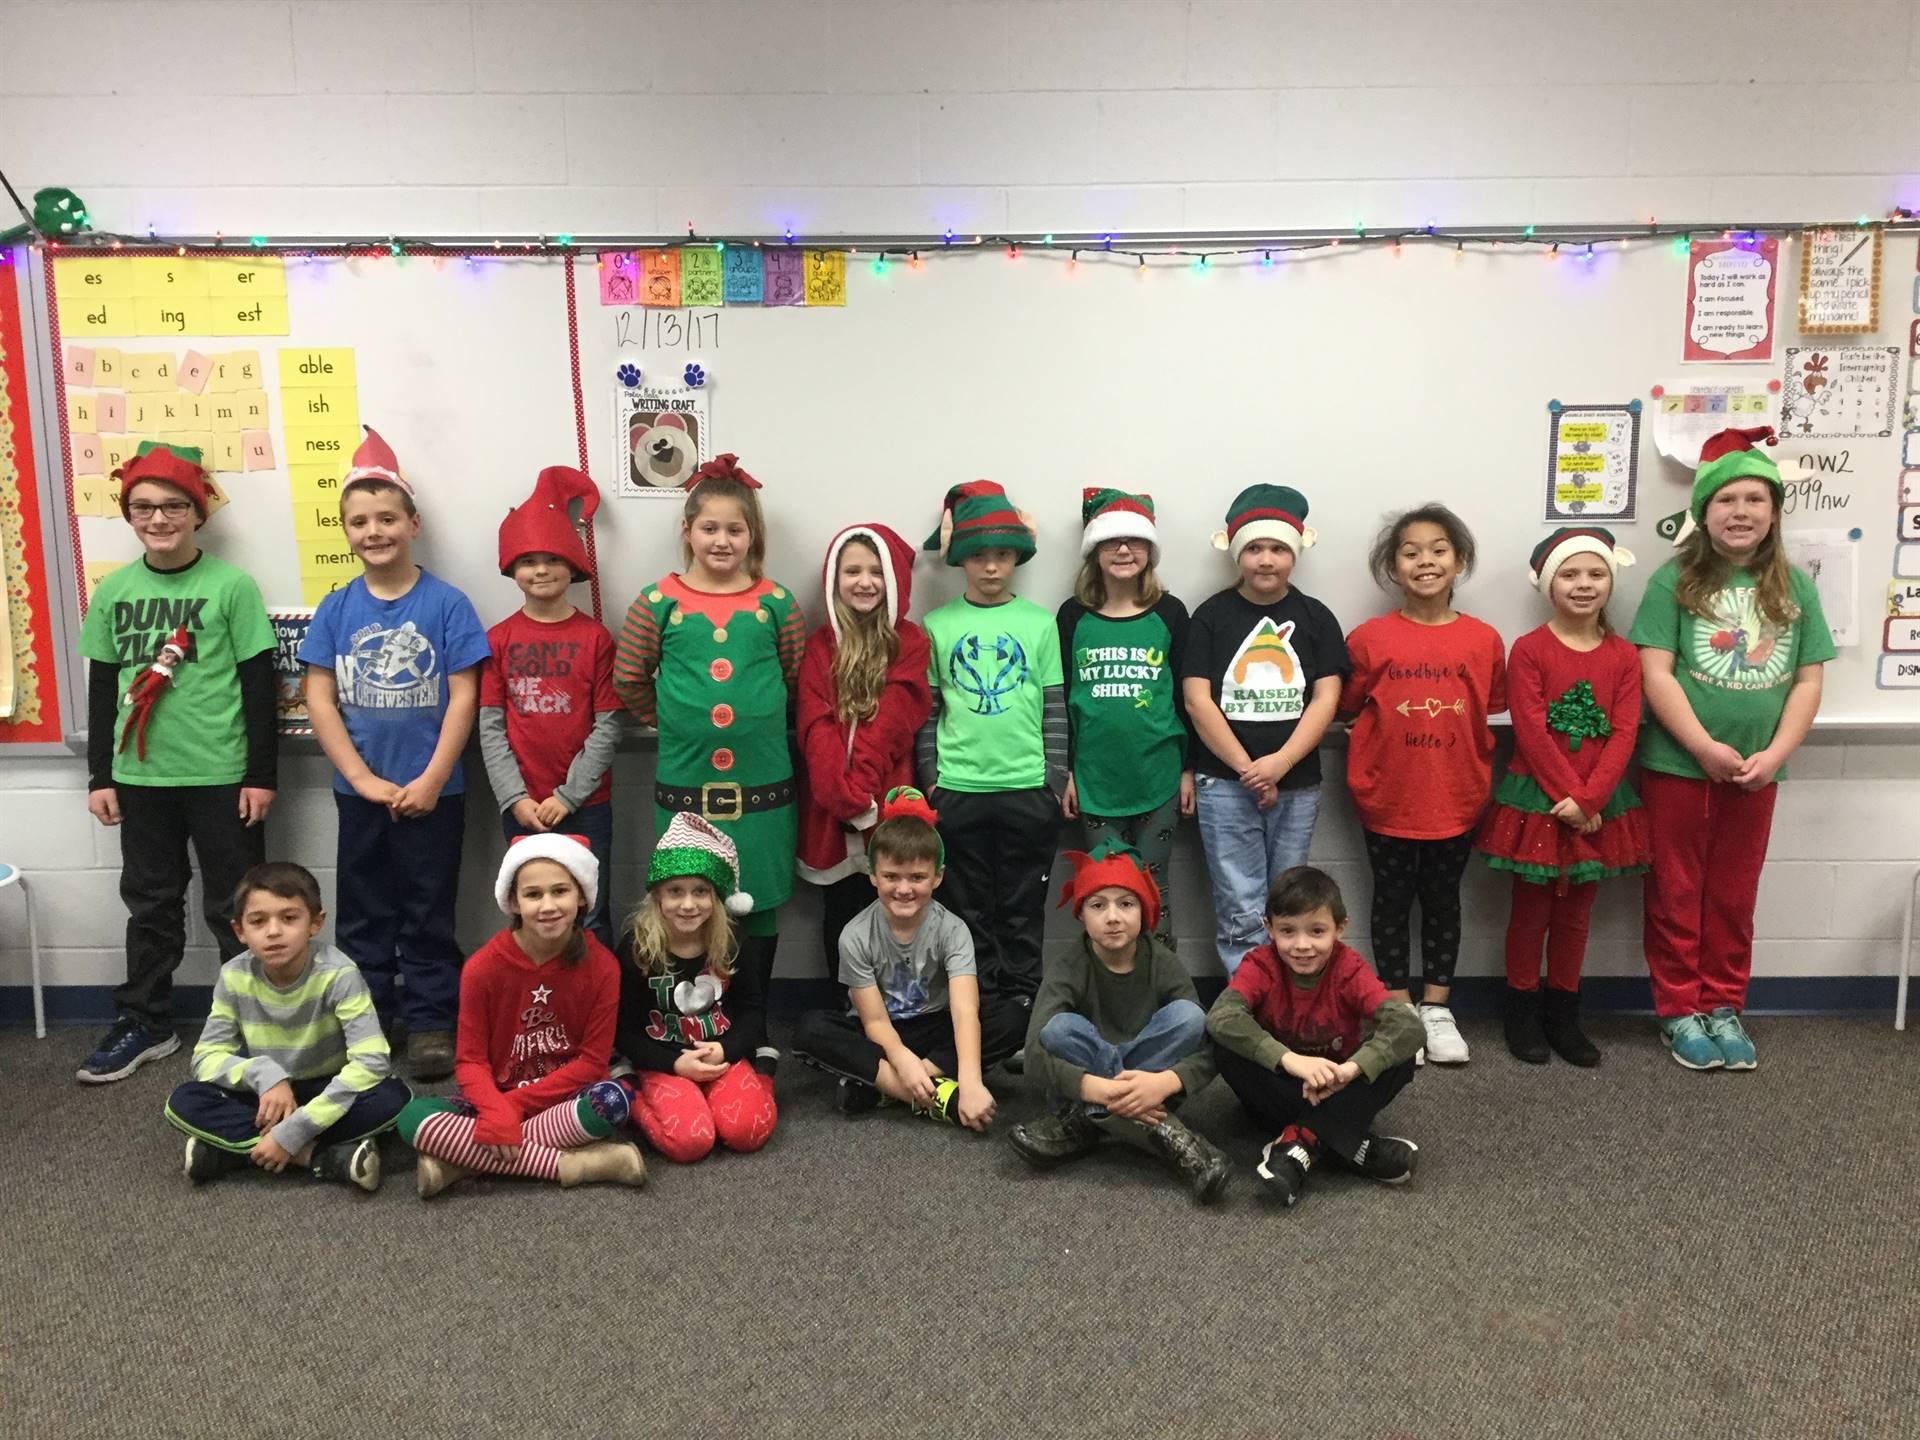 Miss Miller's 2nd grade class